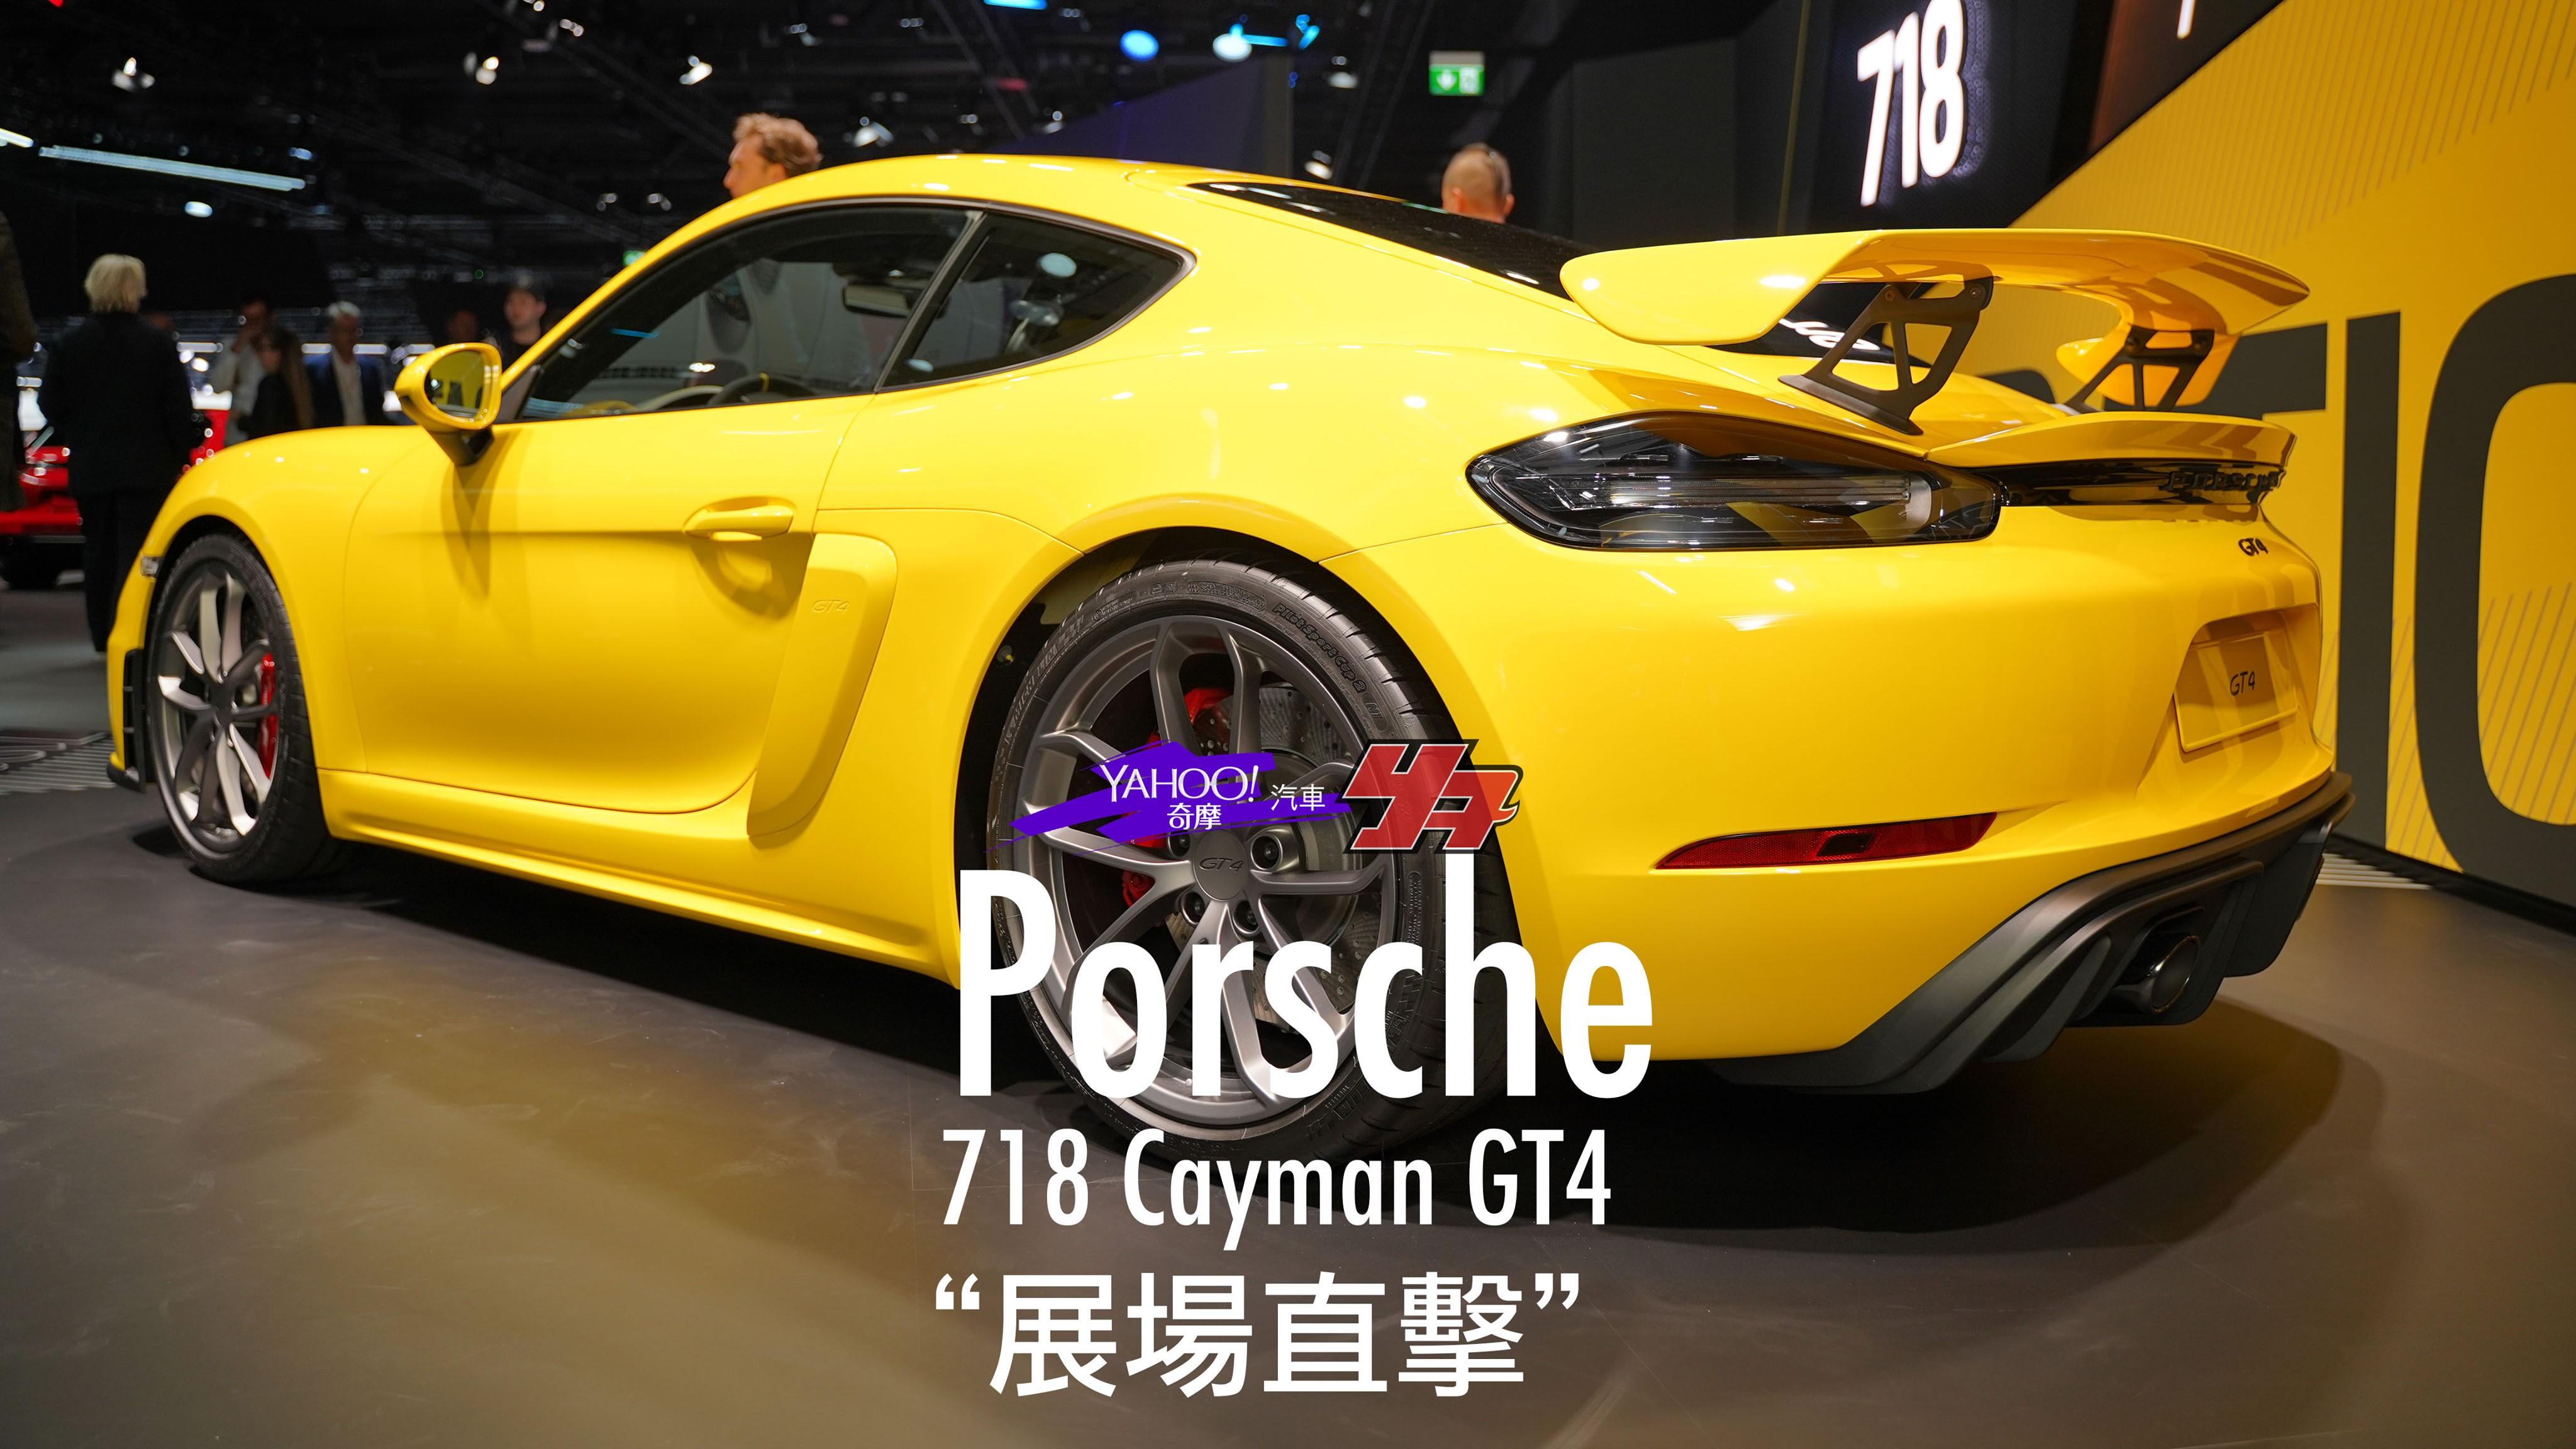 【2019法蘭克福車展直擊】Porsche展區同場加映!718 Cayman GT4的近距離接觸!